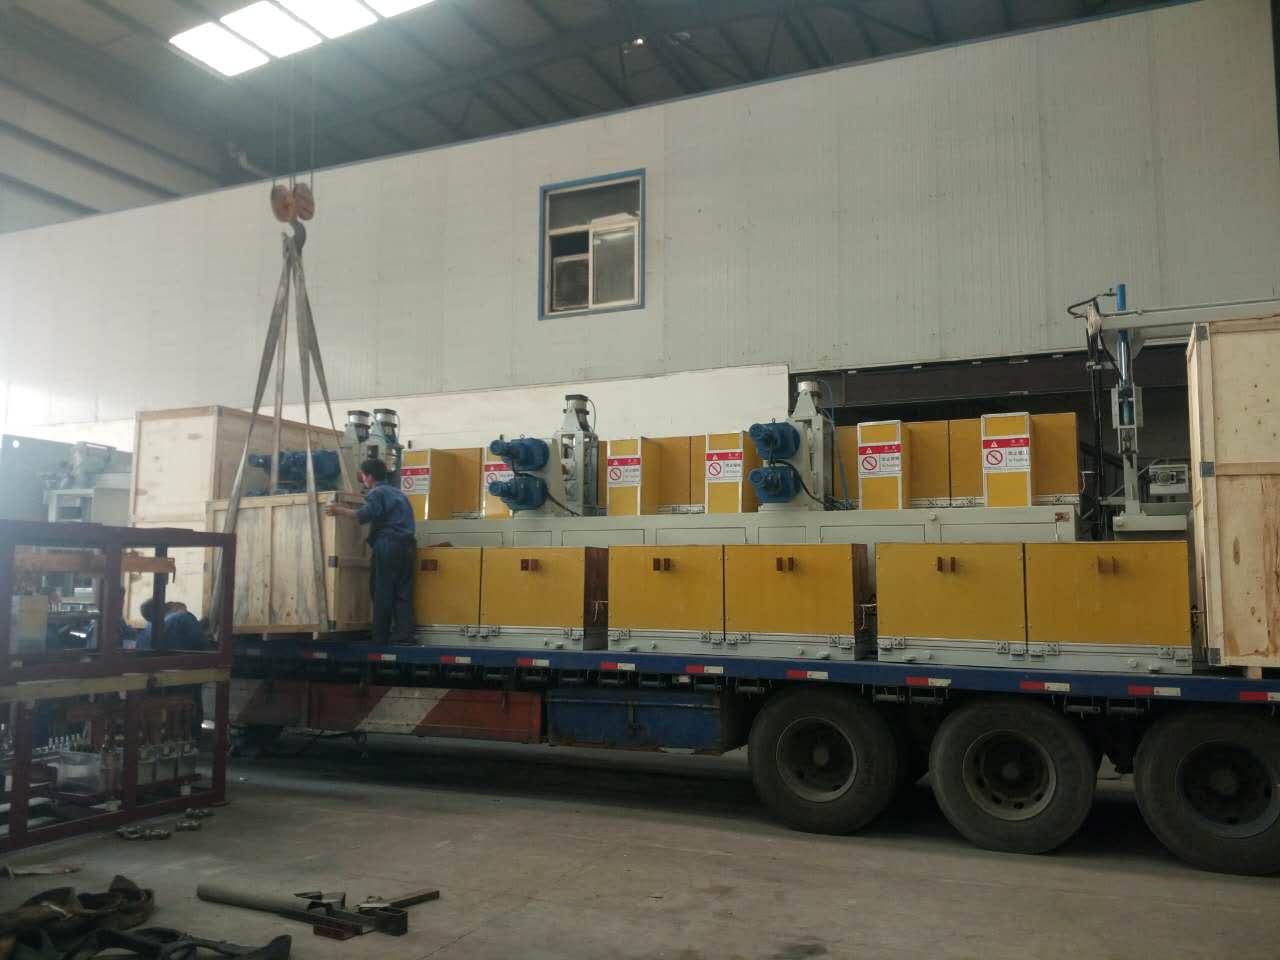 博大电炉与哈尔滨飞机工业集团合作